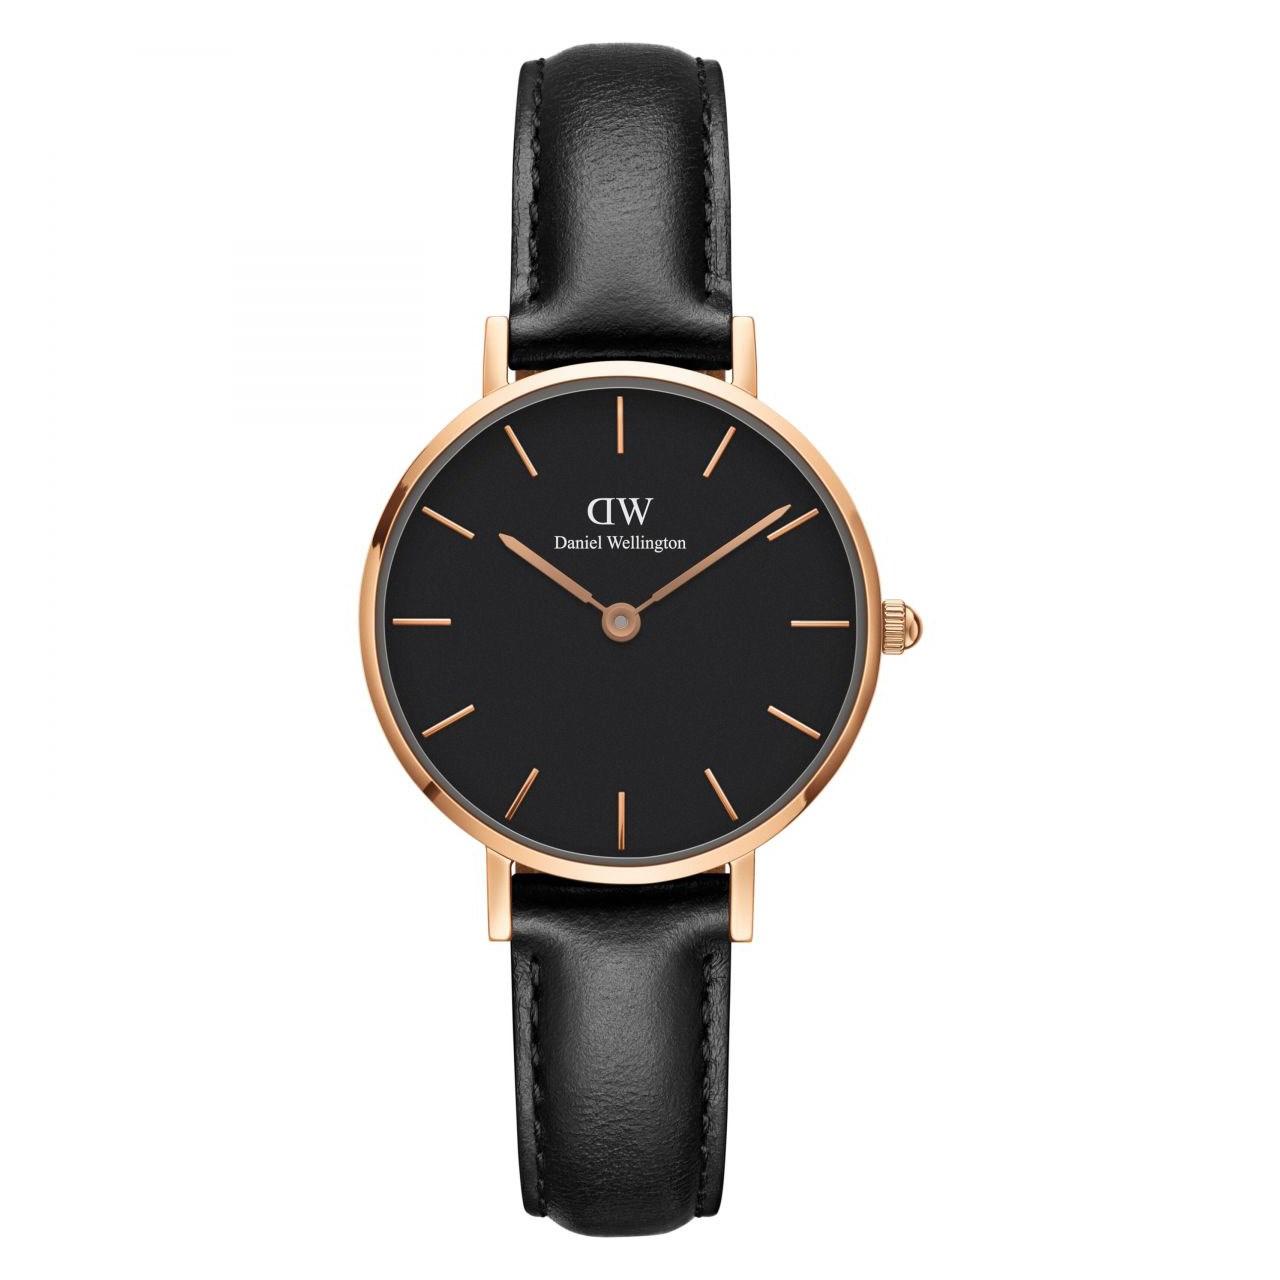 ساعت مچی عقربه ای زنانه دنیل ولینگتون مدل DW00100224 55